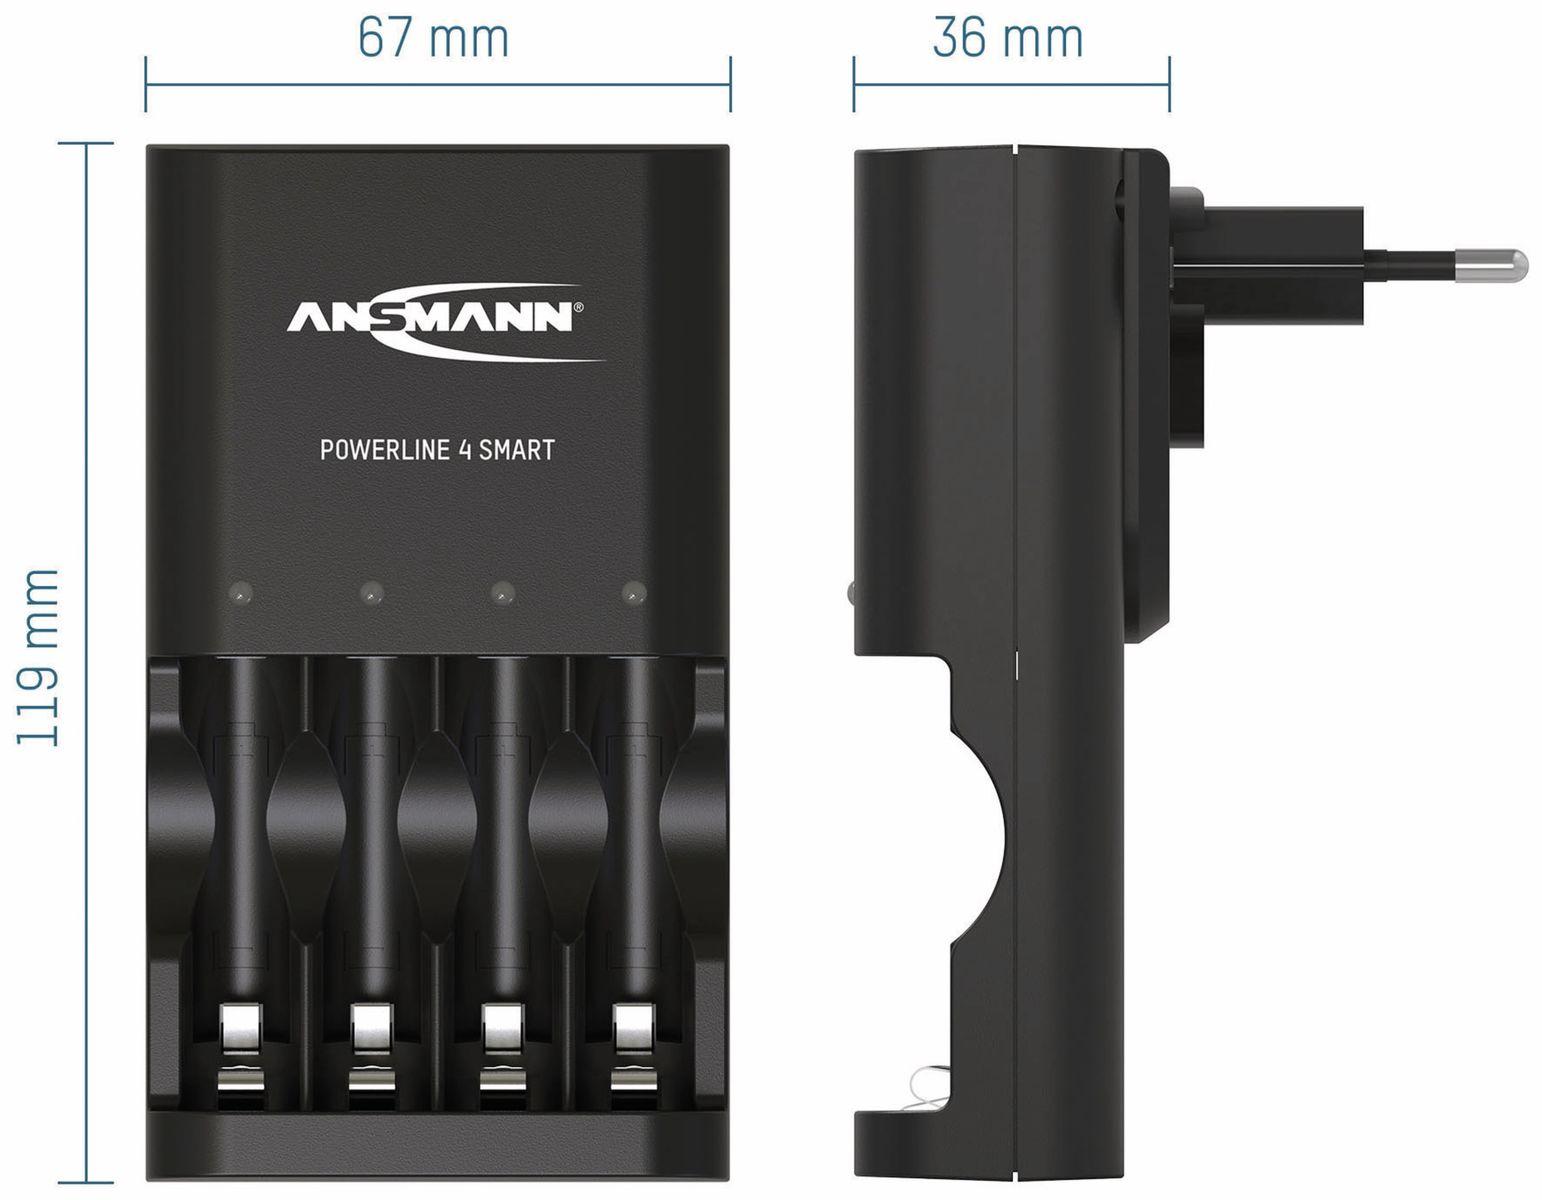 Ladegerät ANSMANN Powerline 4 Smart online kaufen   Pollin.at